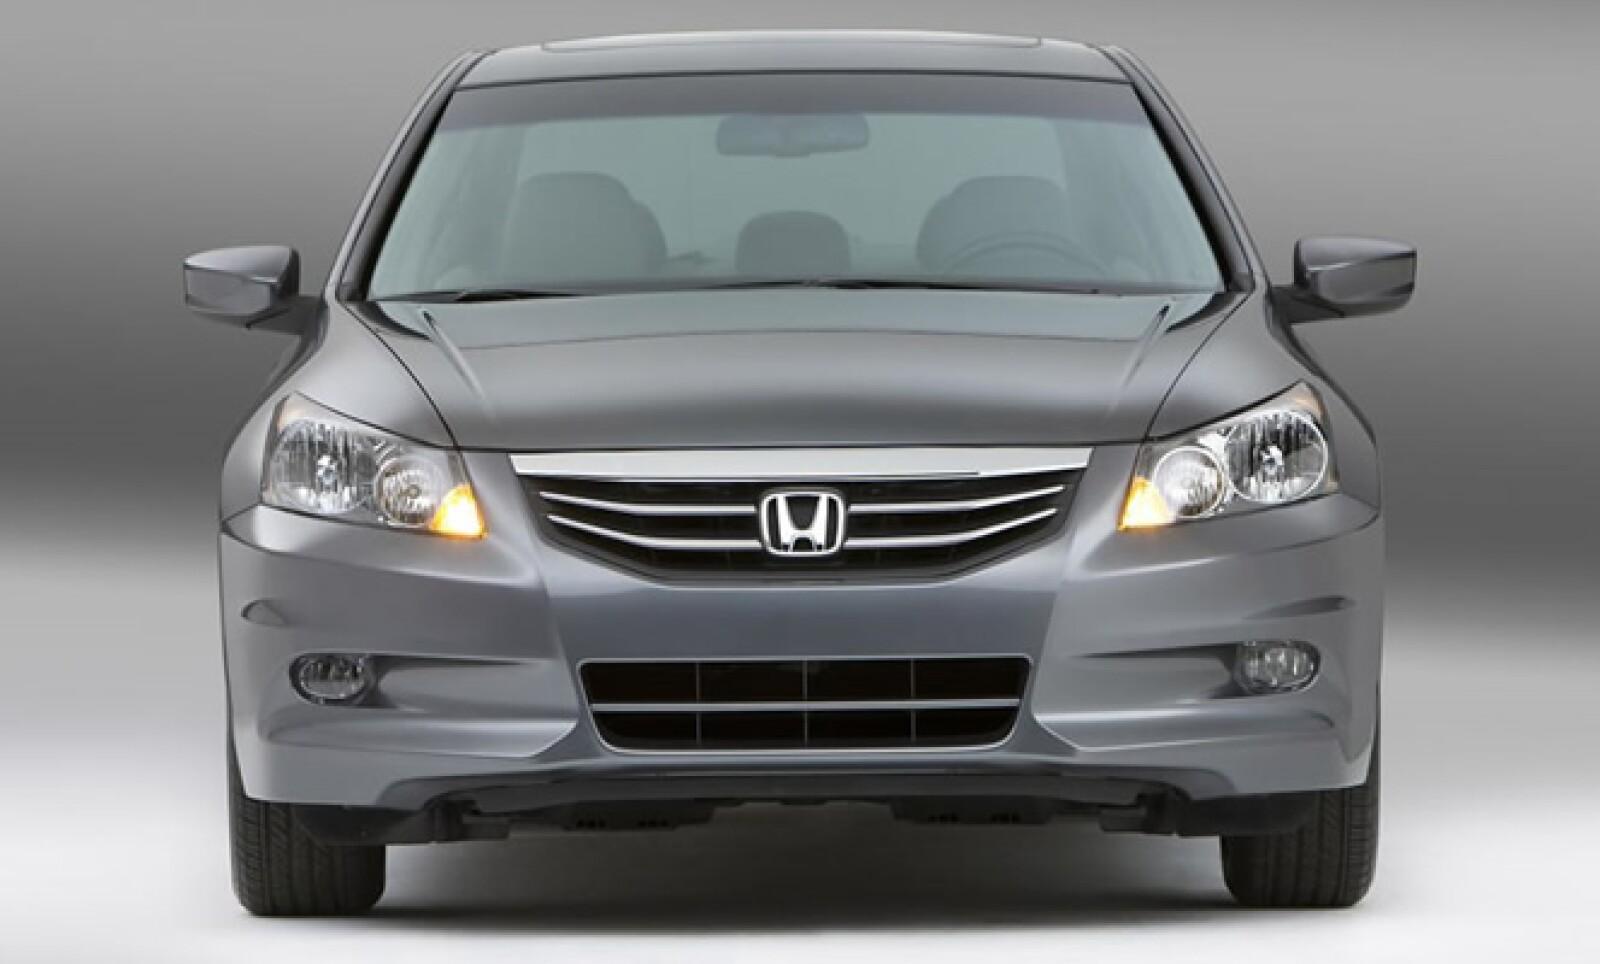 La firma nipona Honda ya tiene listo el lavado de cara de su exitoso mediano el Accord.